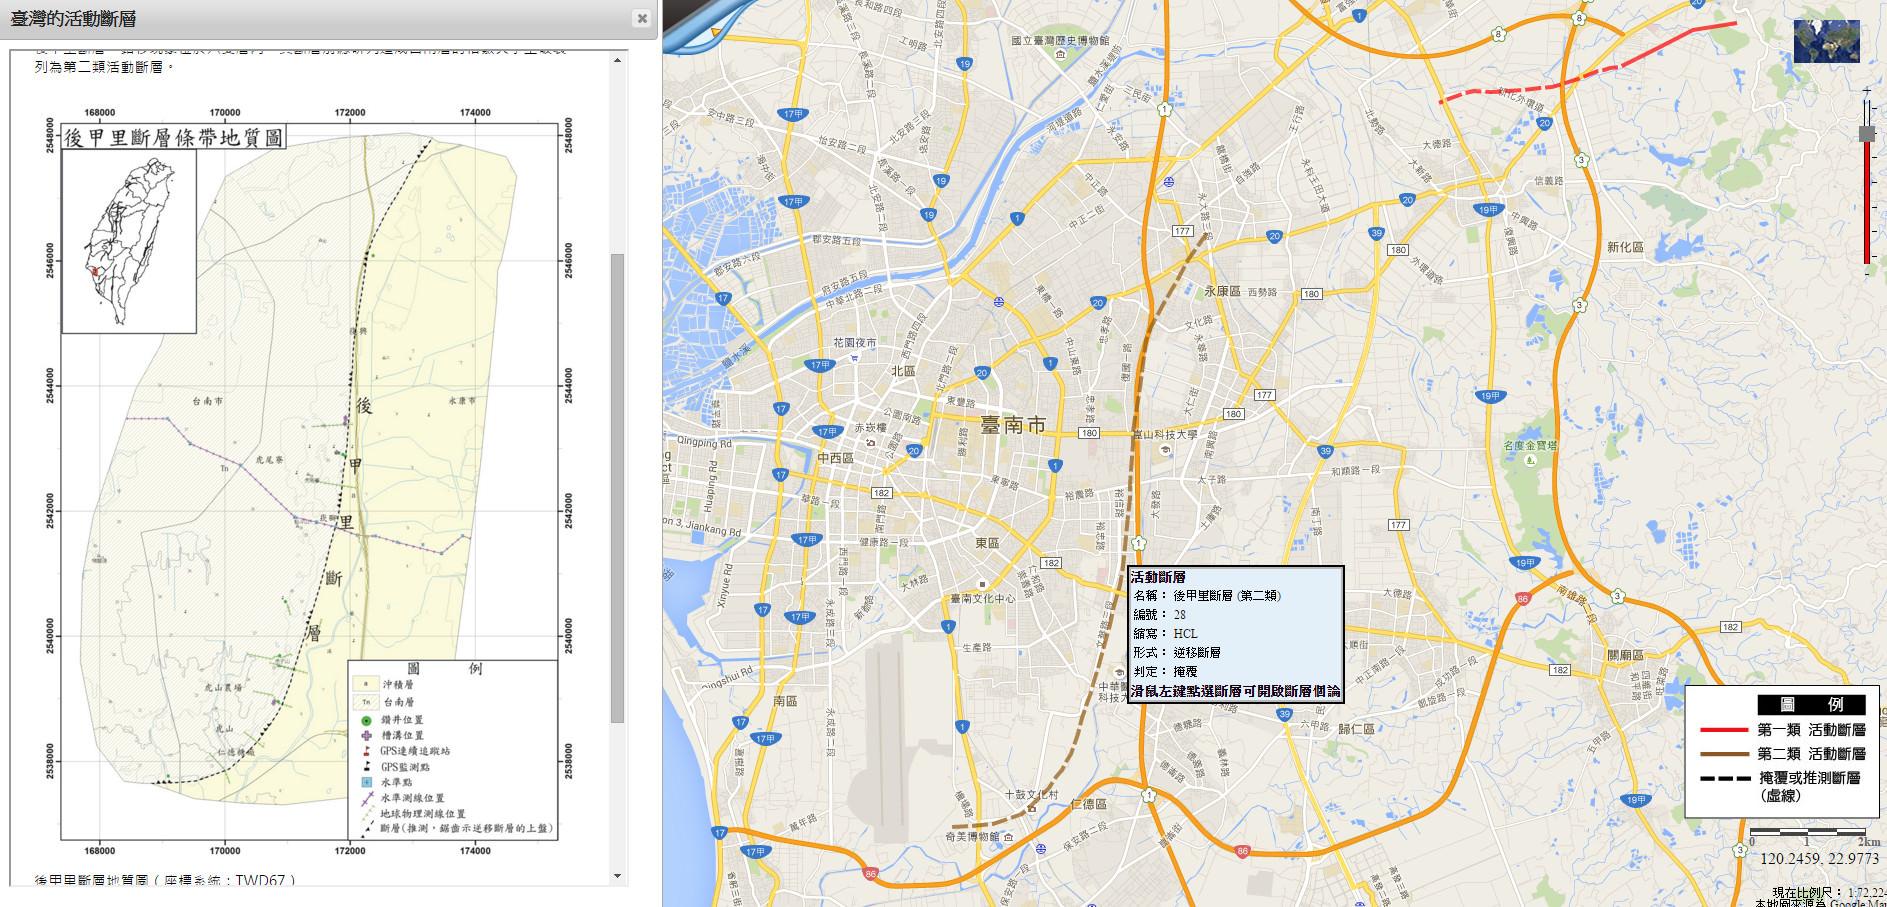 台南「後甲里斷層」長12公里 網:不敢買虎尾寮房子啊